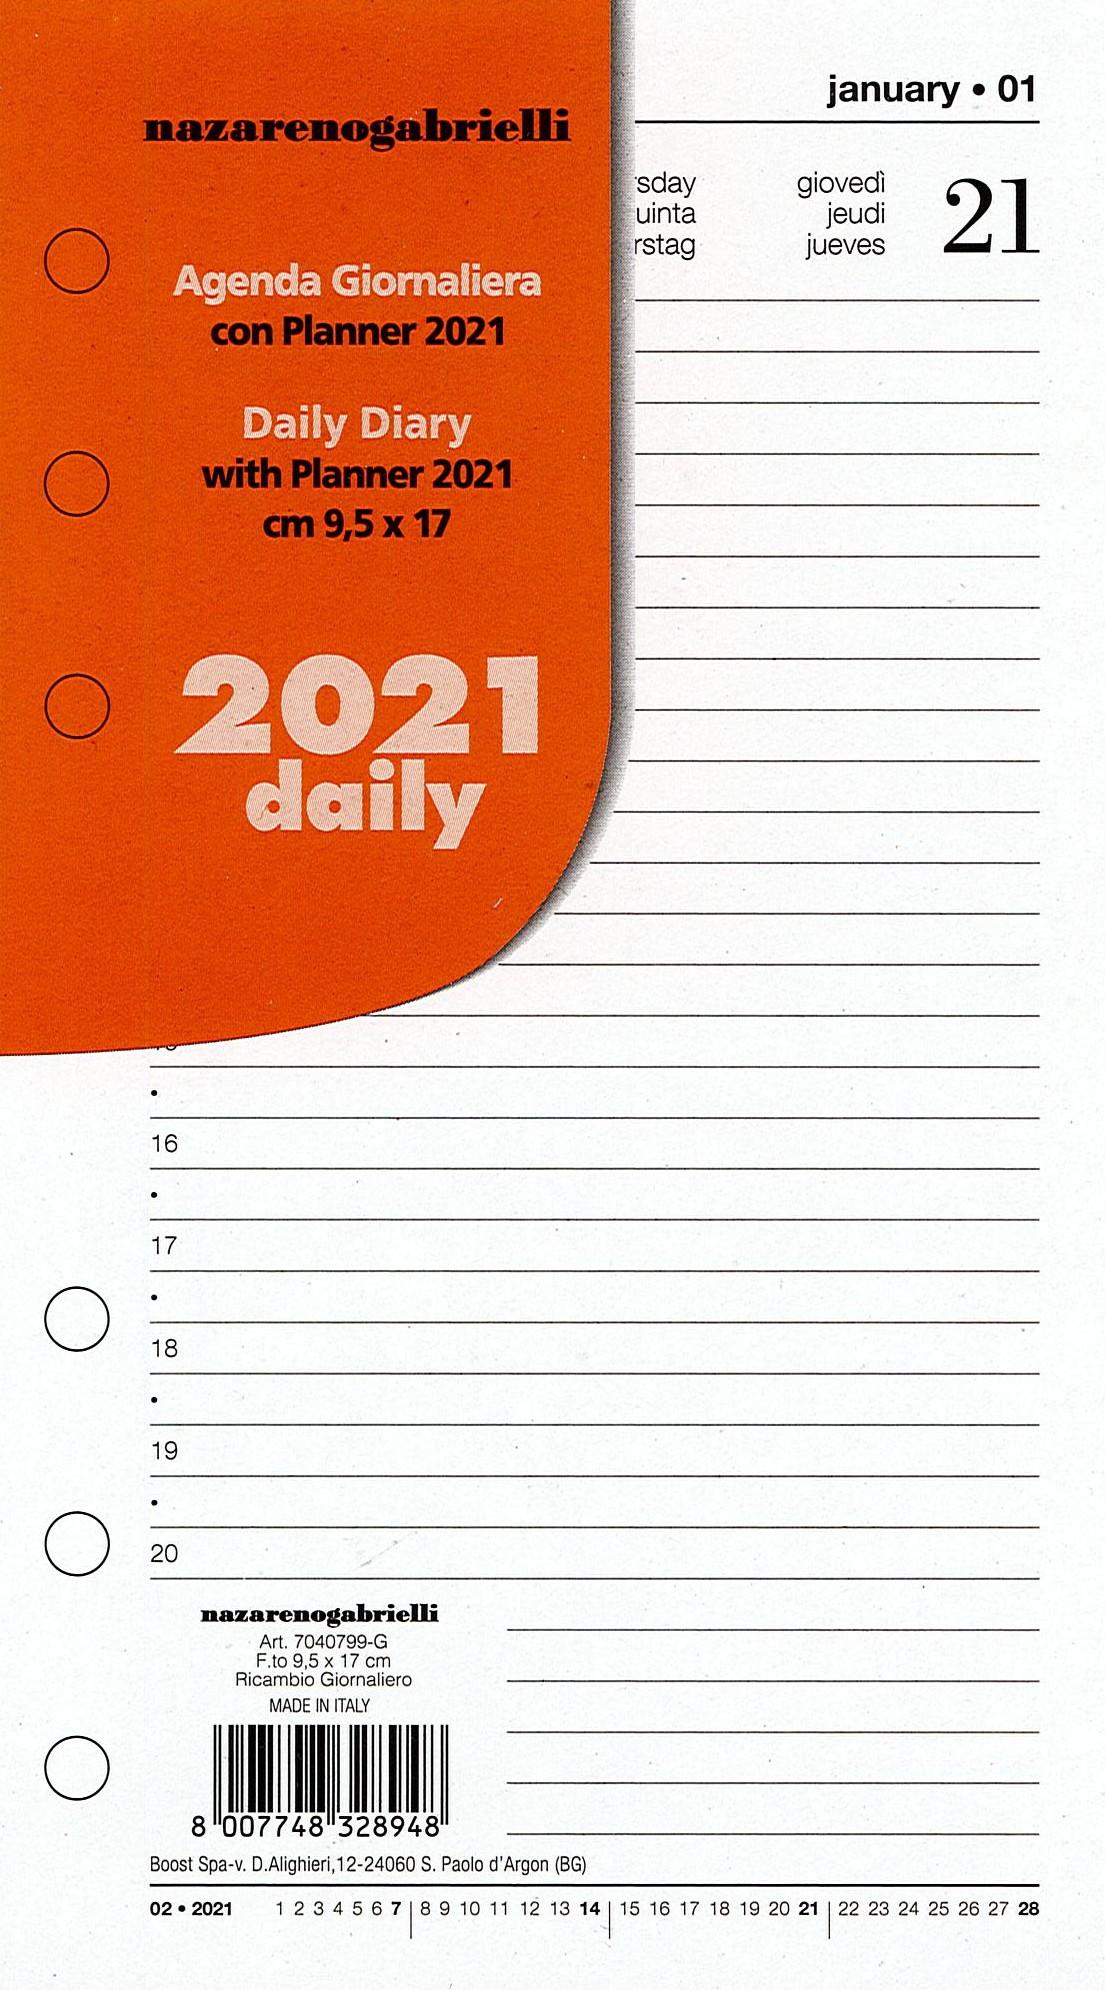 RICAMBIO AGENDA GIORNALIERA CON PLANNER 2021 PER ORGANIZER F.TO 9.5 x 17 CM